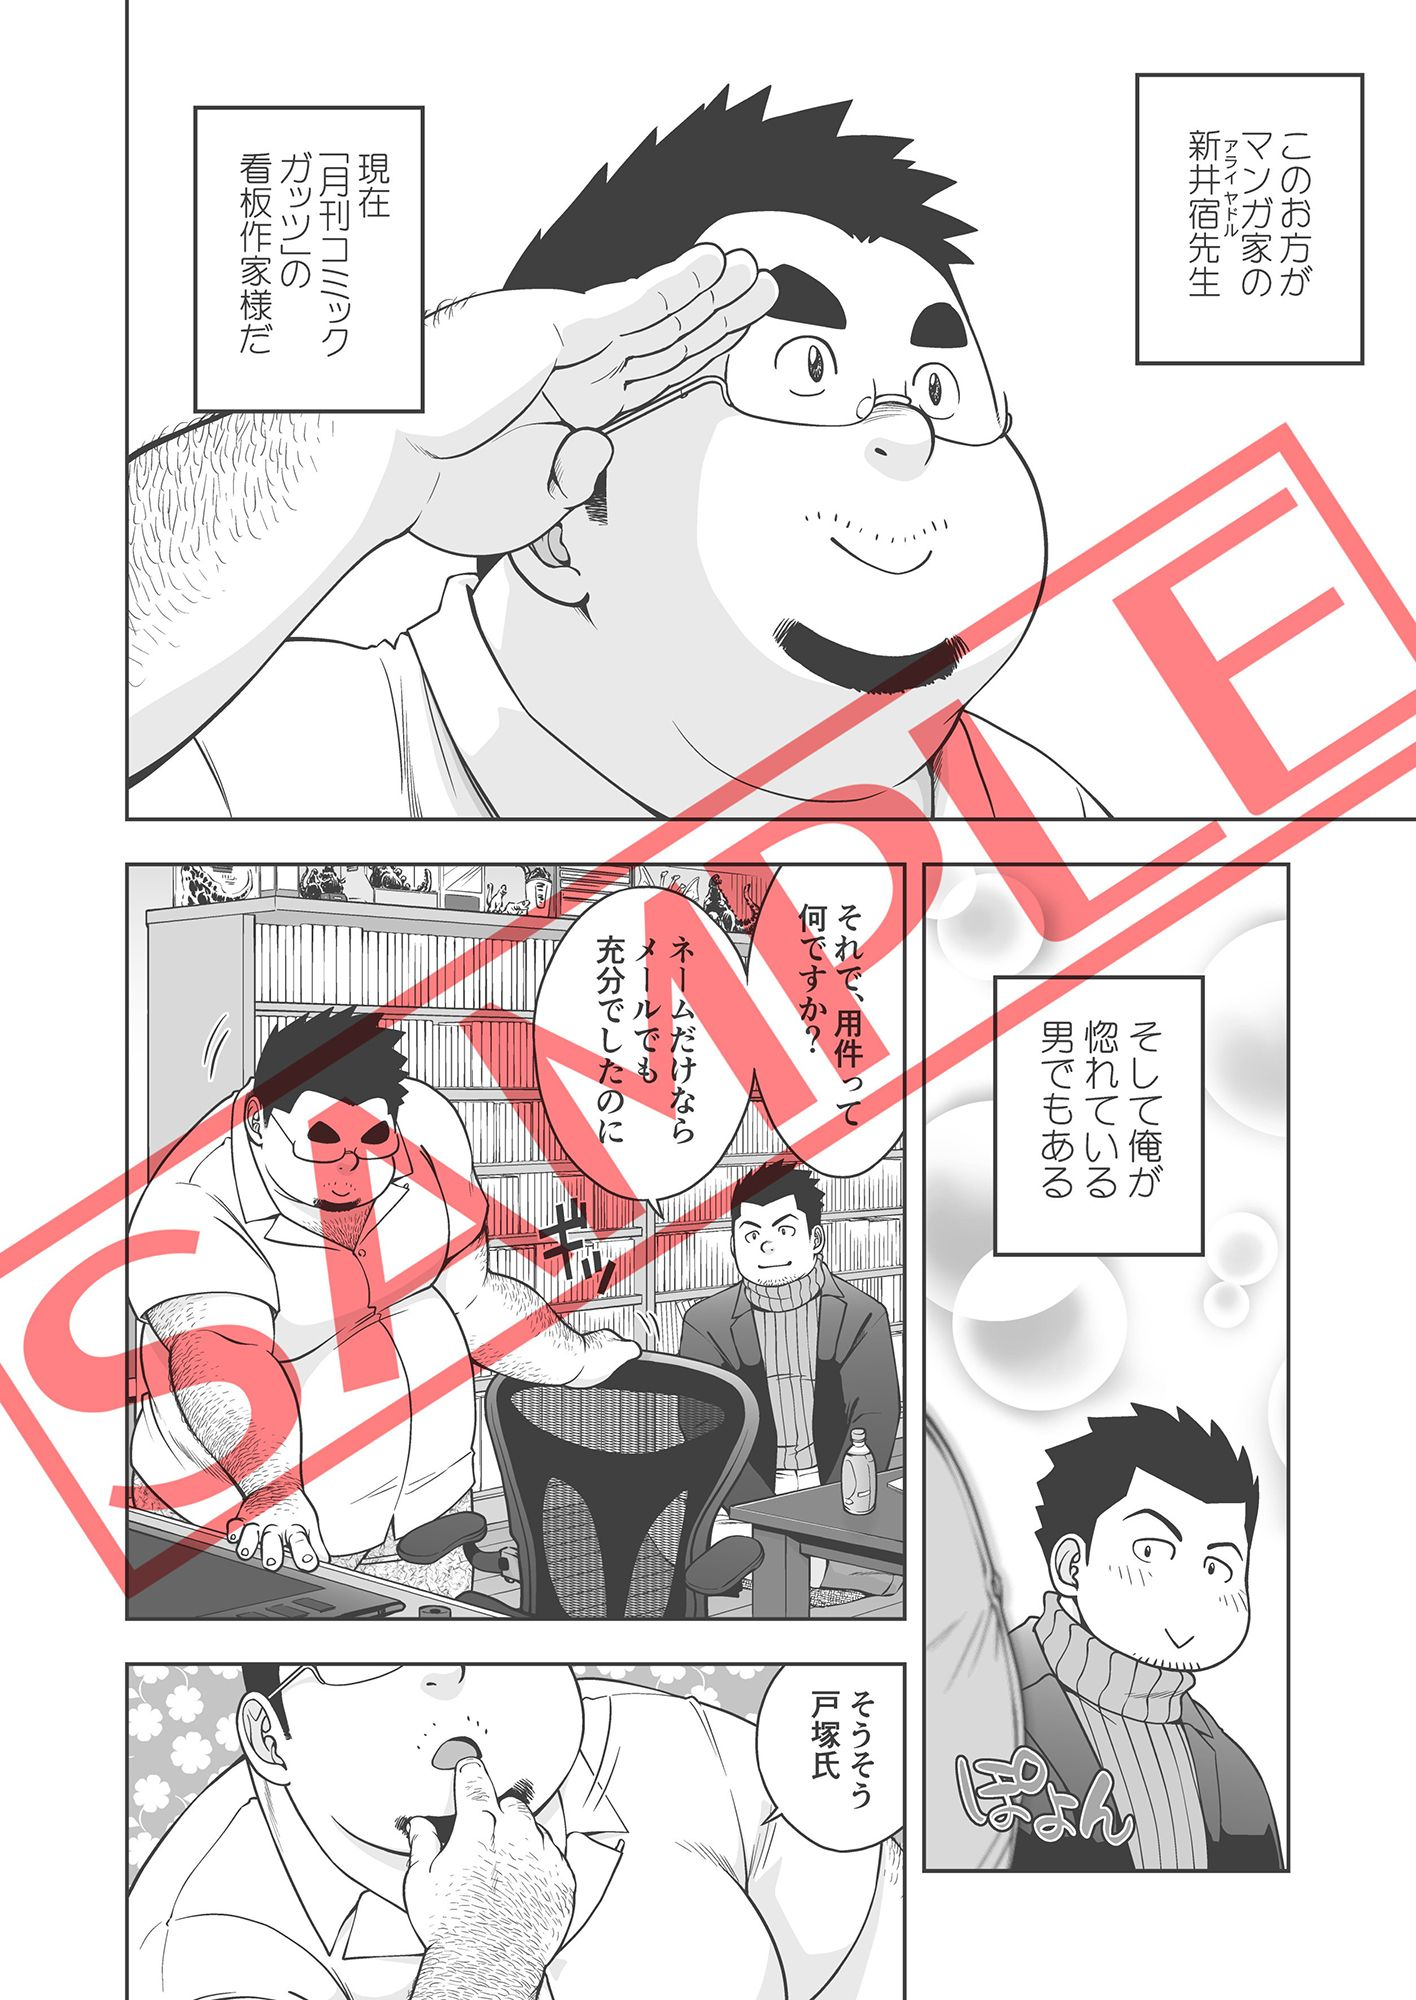 【北関東麻雀部 同人】月刊コミックガッツRe: